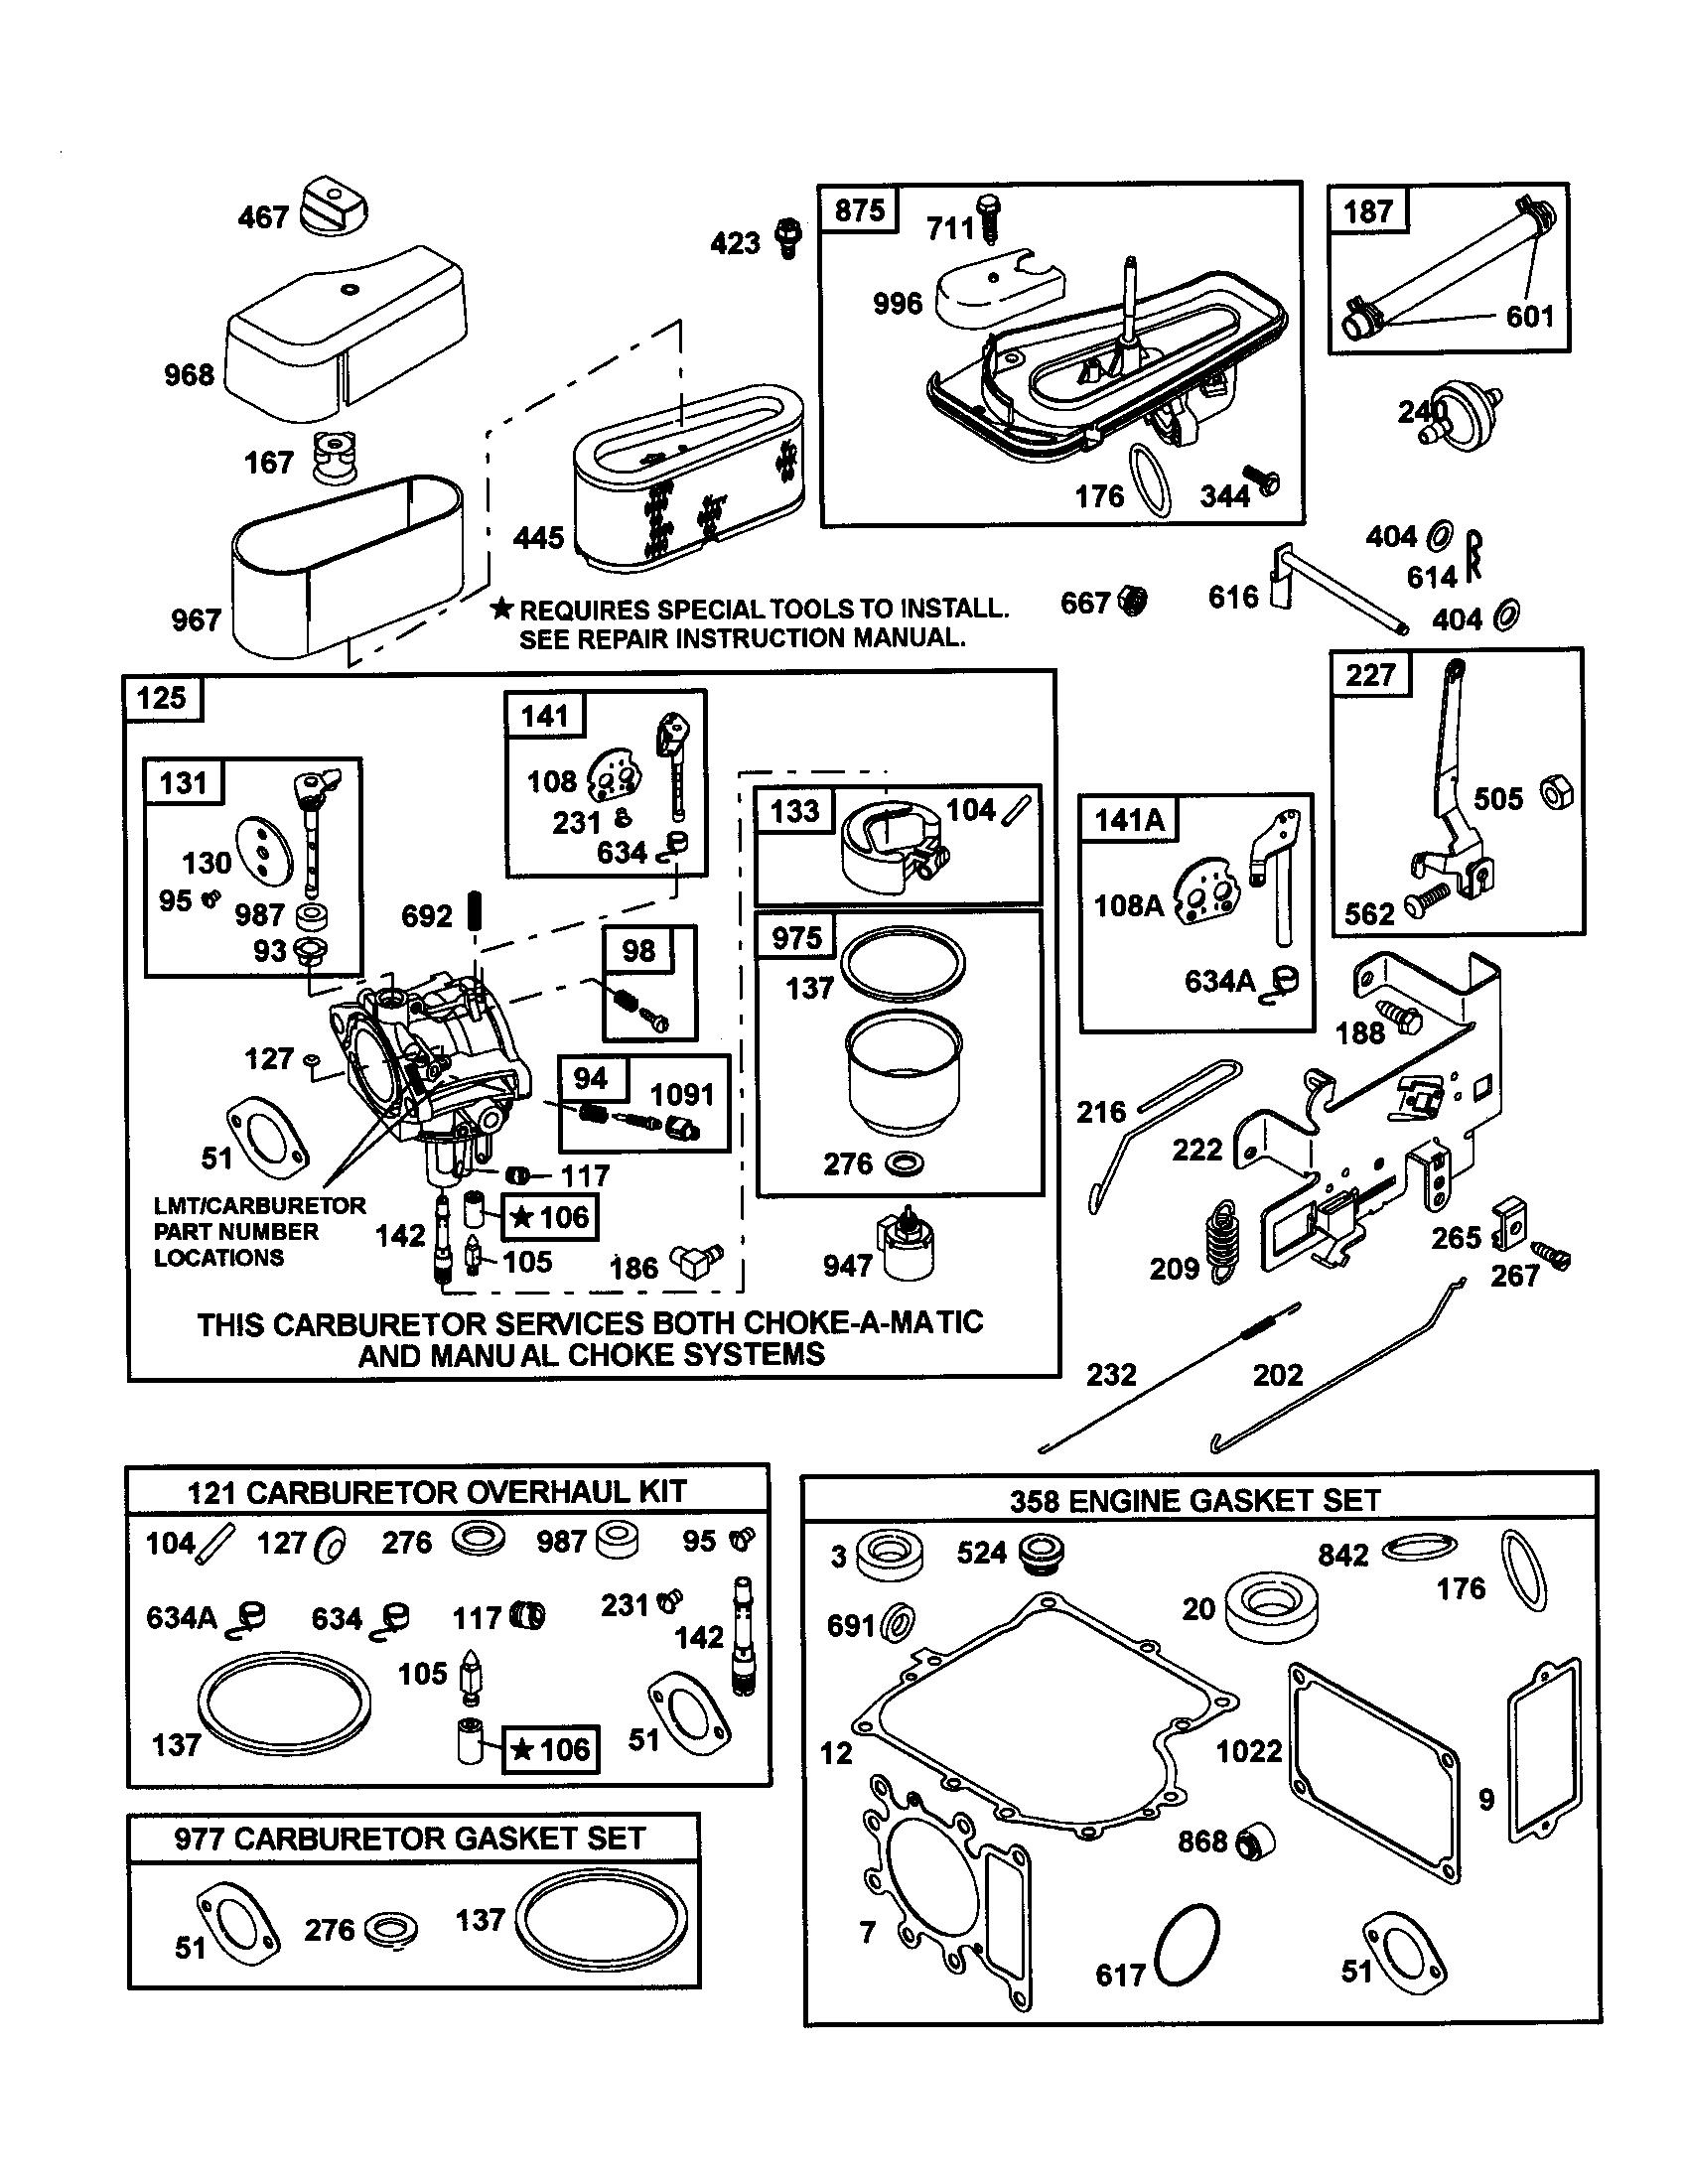 hight resolution of briggs stratton 310707 0136 e1 carburetor diagram